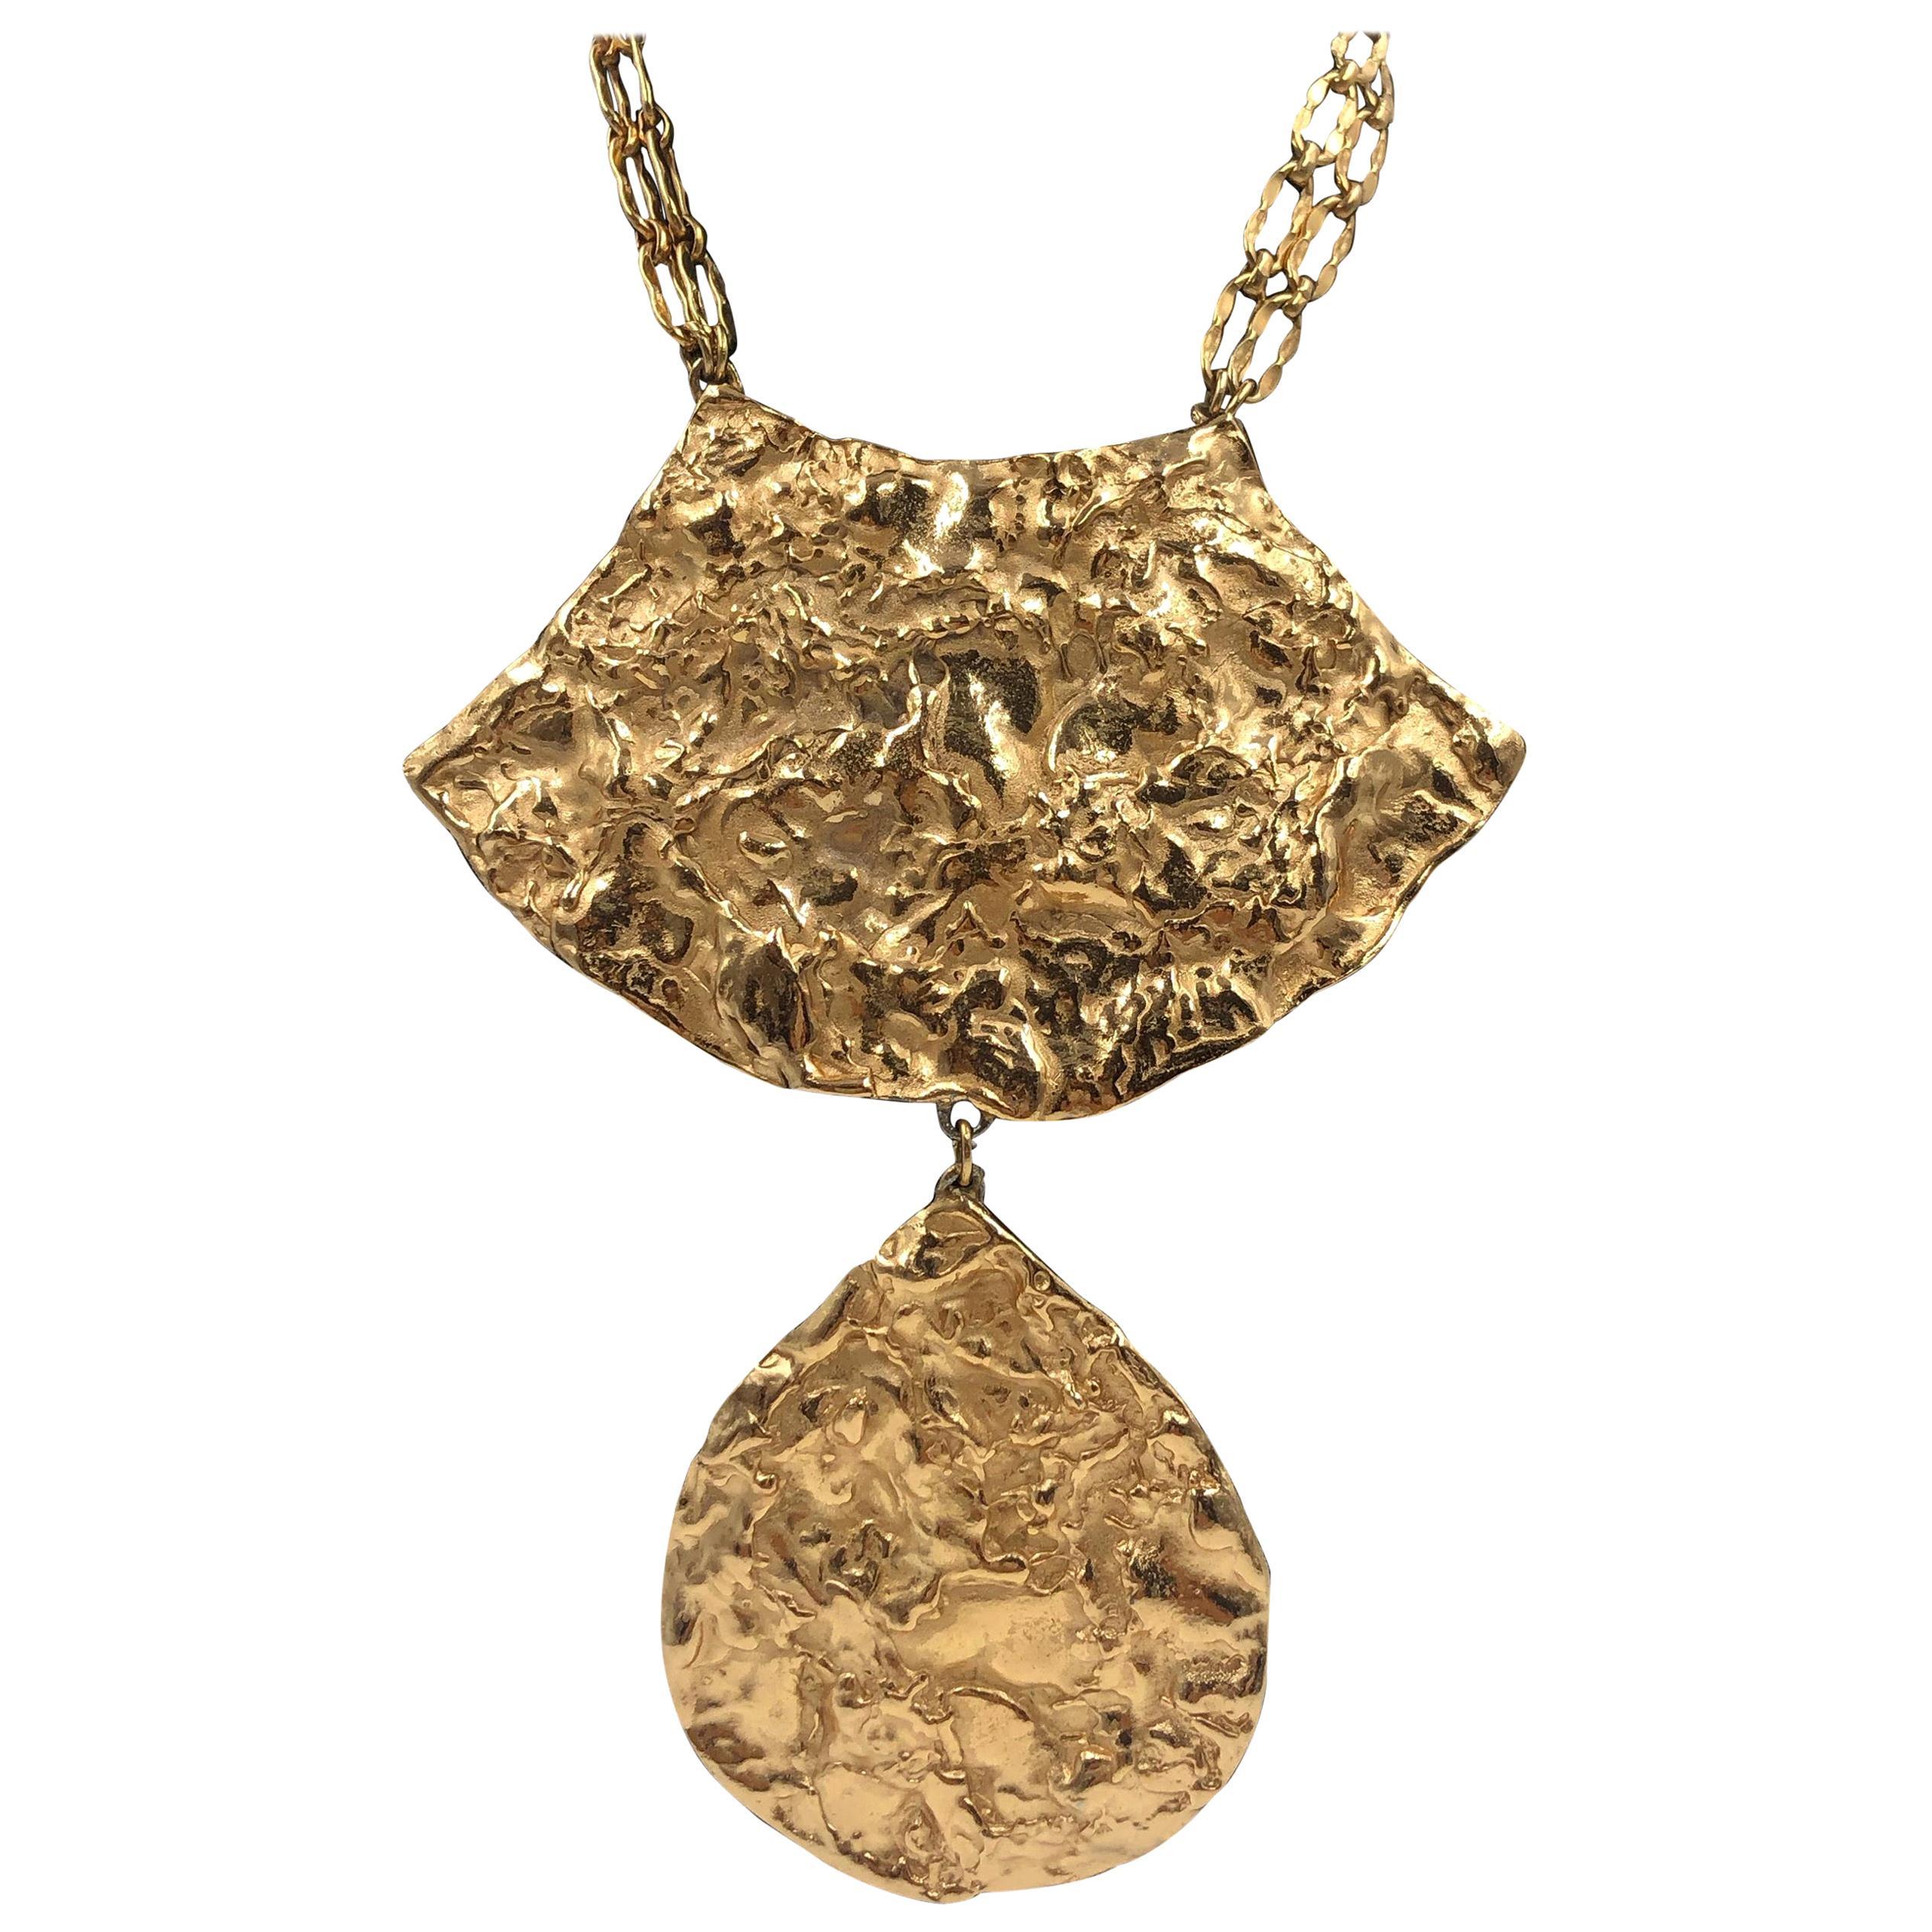 Vintage 1970s Napier necklace